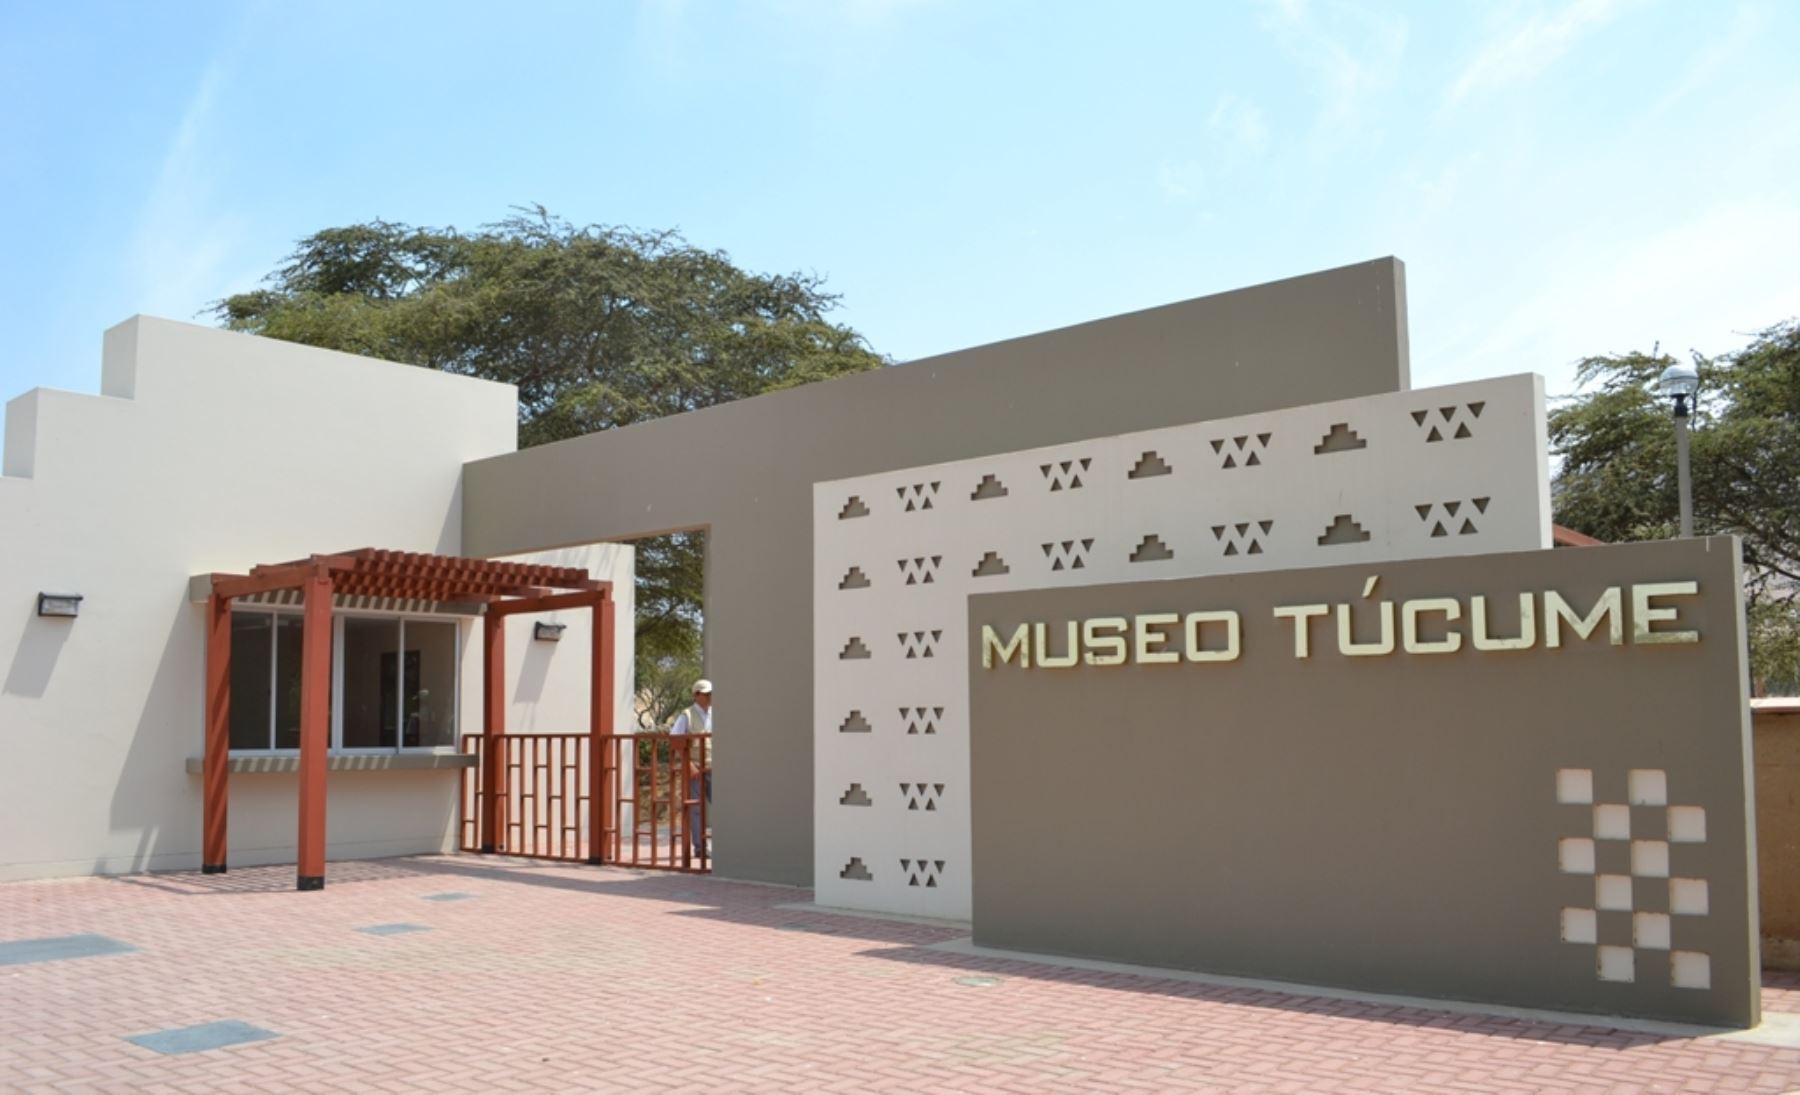 Museo de sitio de Túcume celebra 25 años al servicio de la cultura en Lambayeque. ANDINA